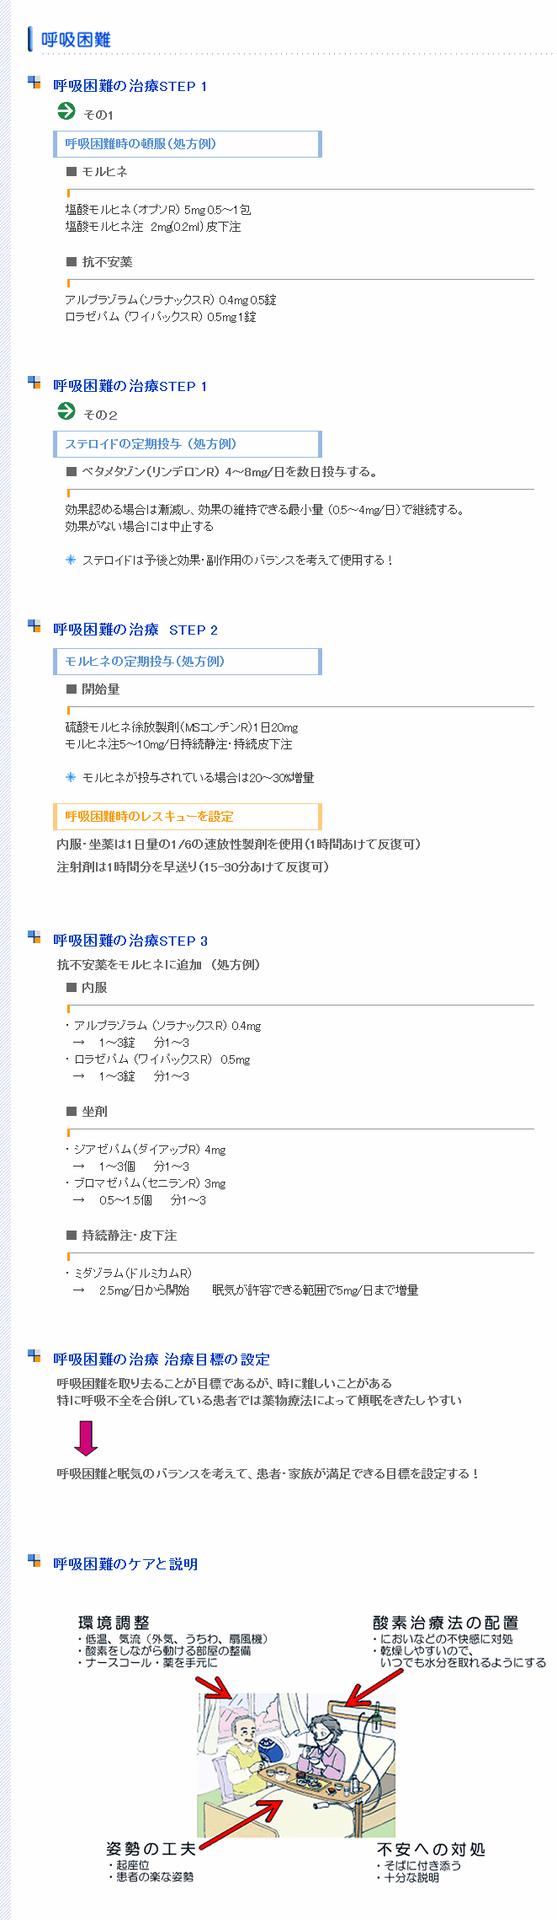 奈良県立医科大学附属病院_緩和ケア_/_緩和ケアマニュアル_/_呼吸困難3.png